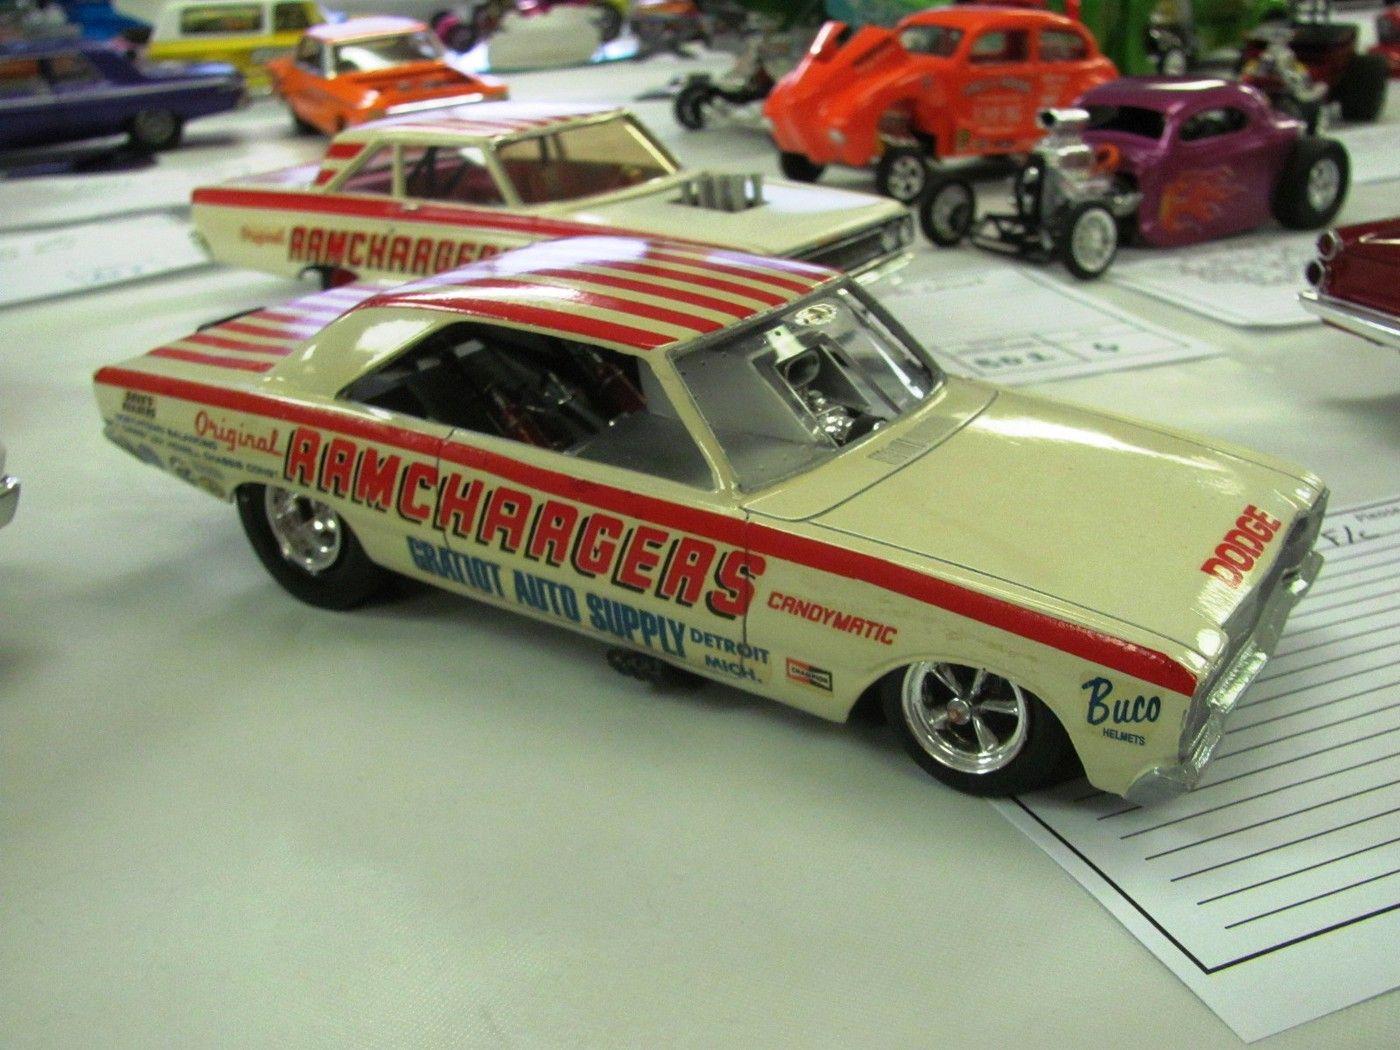 Img 7588 Car Model Toy Car Hot Wheels